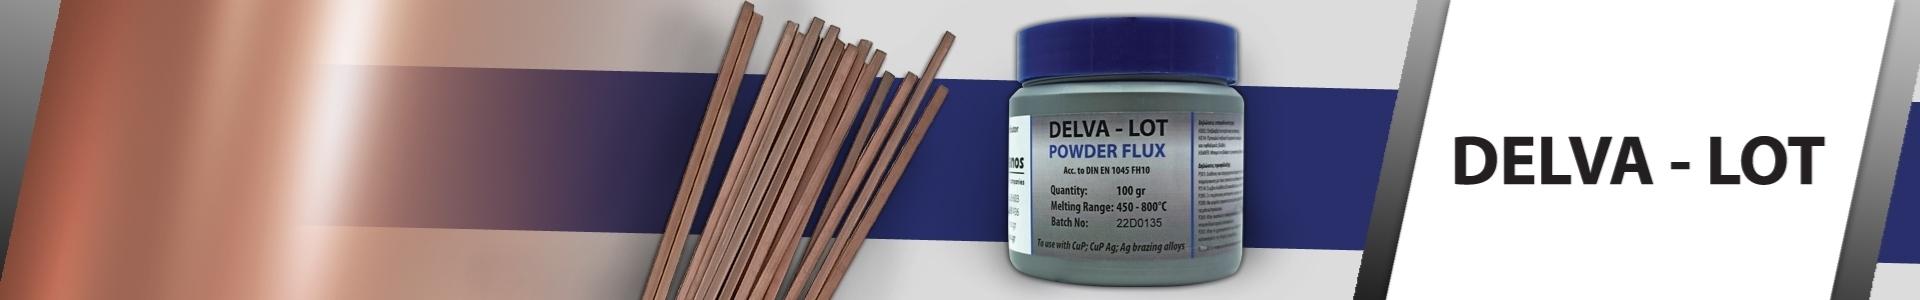 Εικόνα από DELVA-LOT: Χαλκοκόλληση & Aποξειδωτική Σκόνη